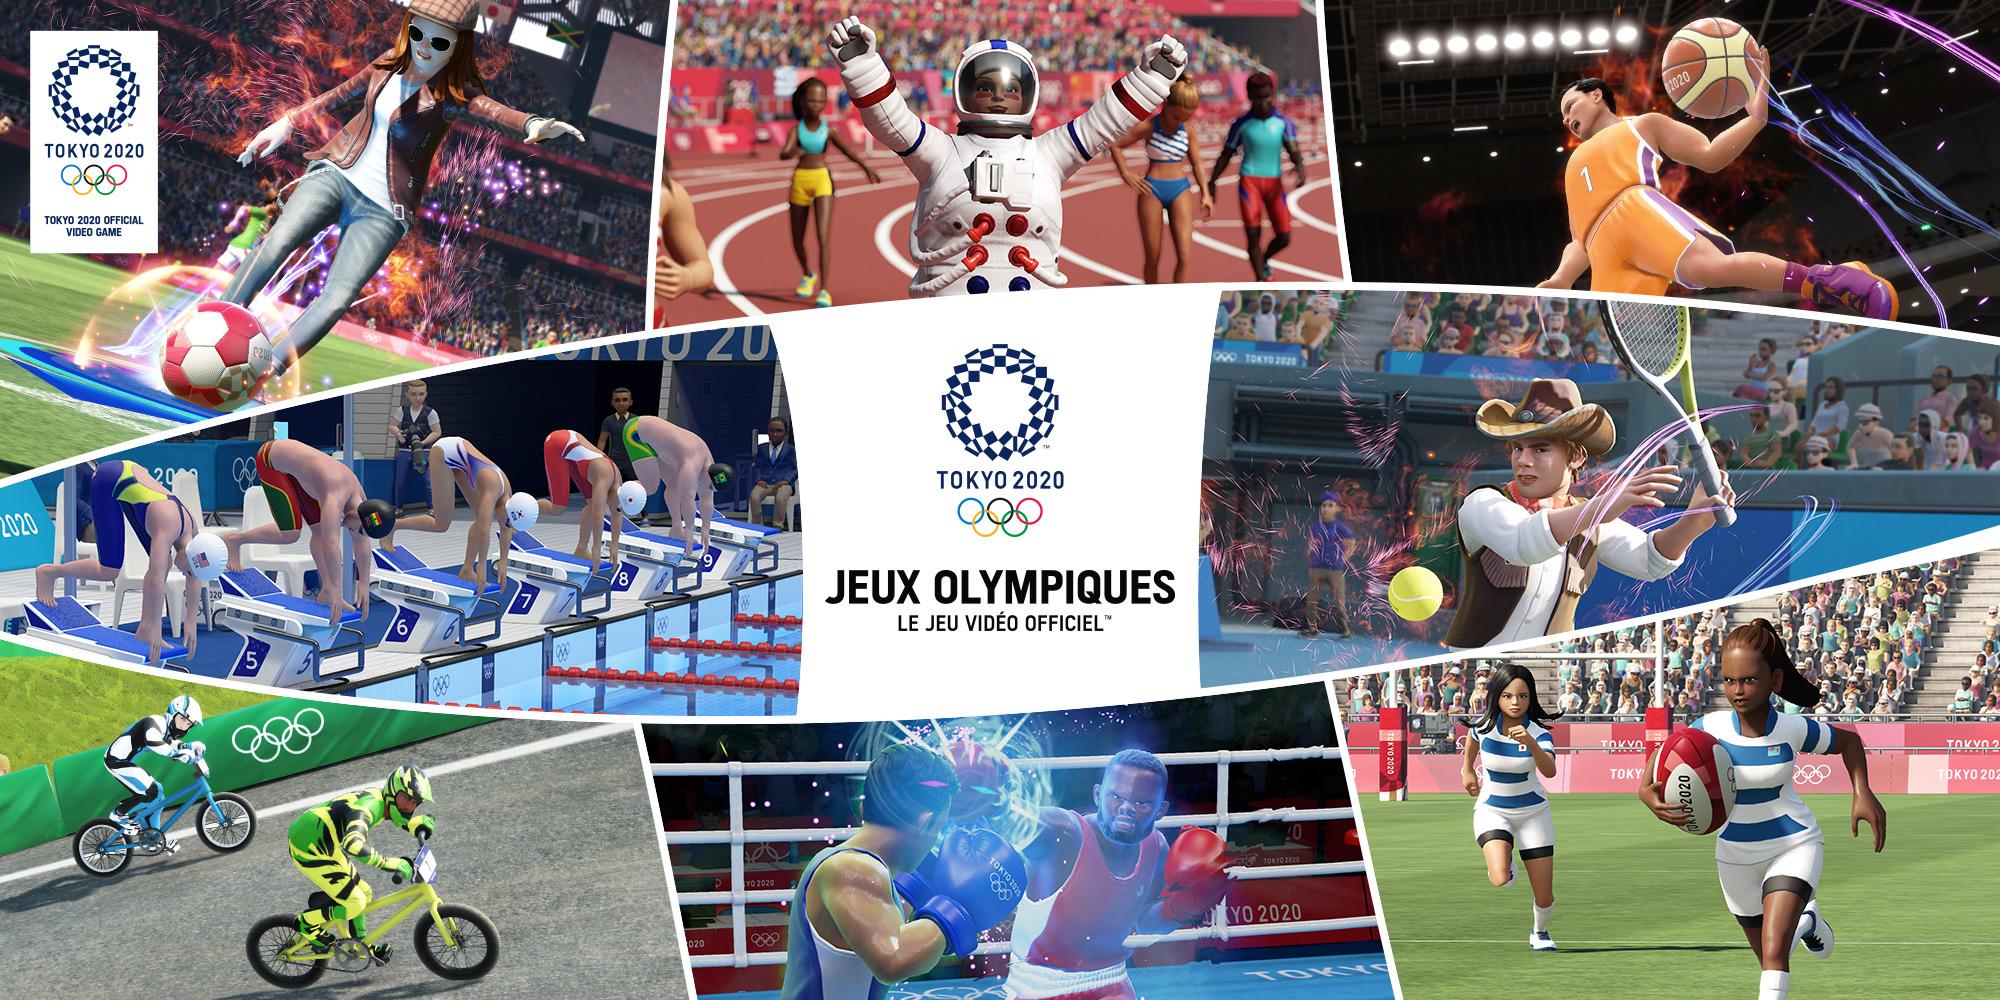 Jeux Olympiques de Tokyo 2020 – le jeu vidéo officiel™ | Nintendo Switch |  Jeux | Nintendo